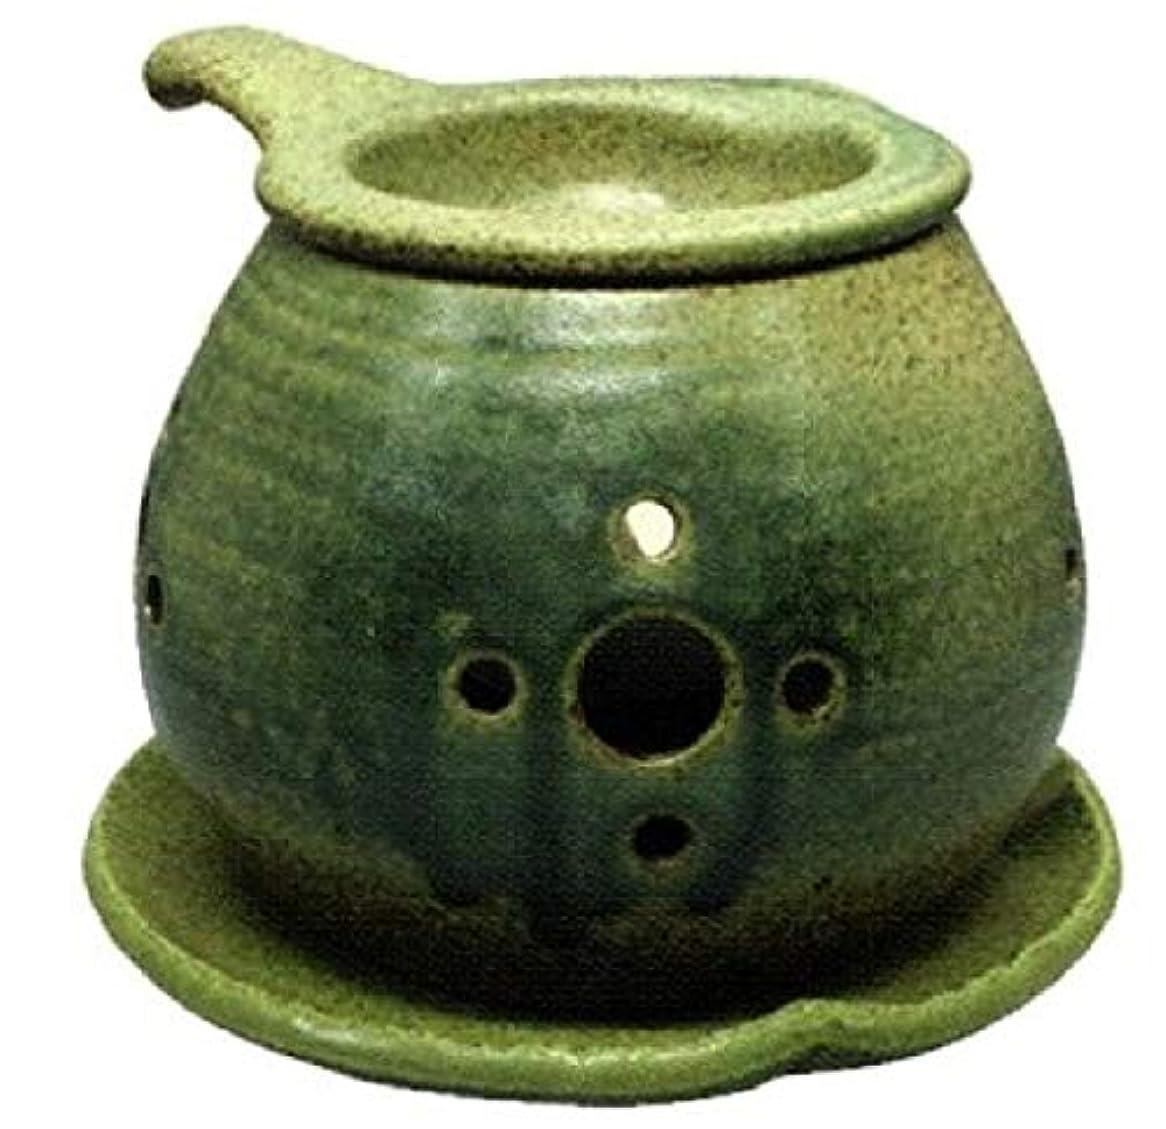 孤児懺悔あなたが良くなります常滑焼?間宮 カ40-02 茶香炉 約φ14×10cm